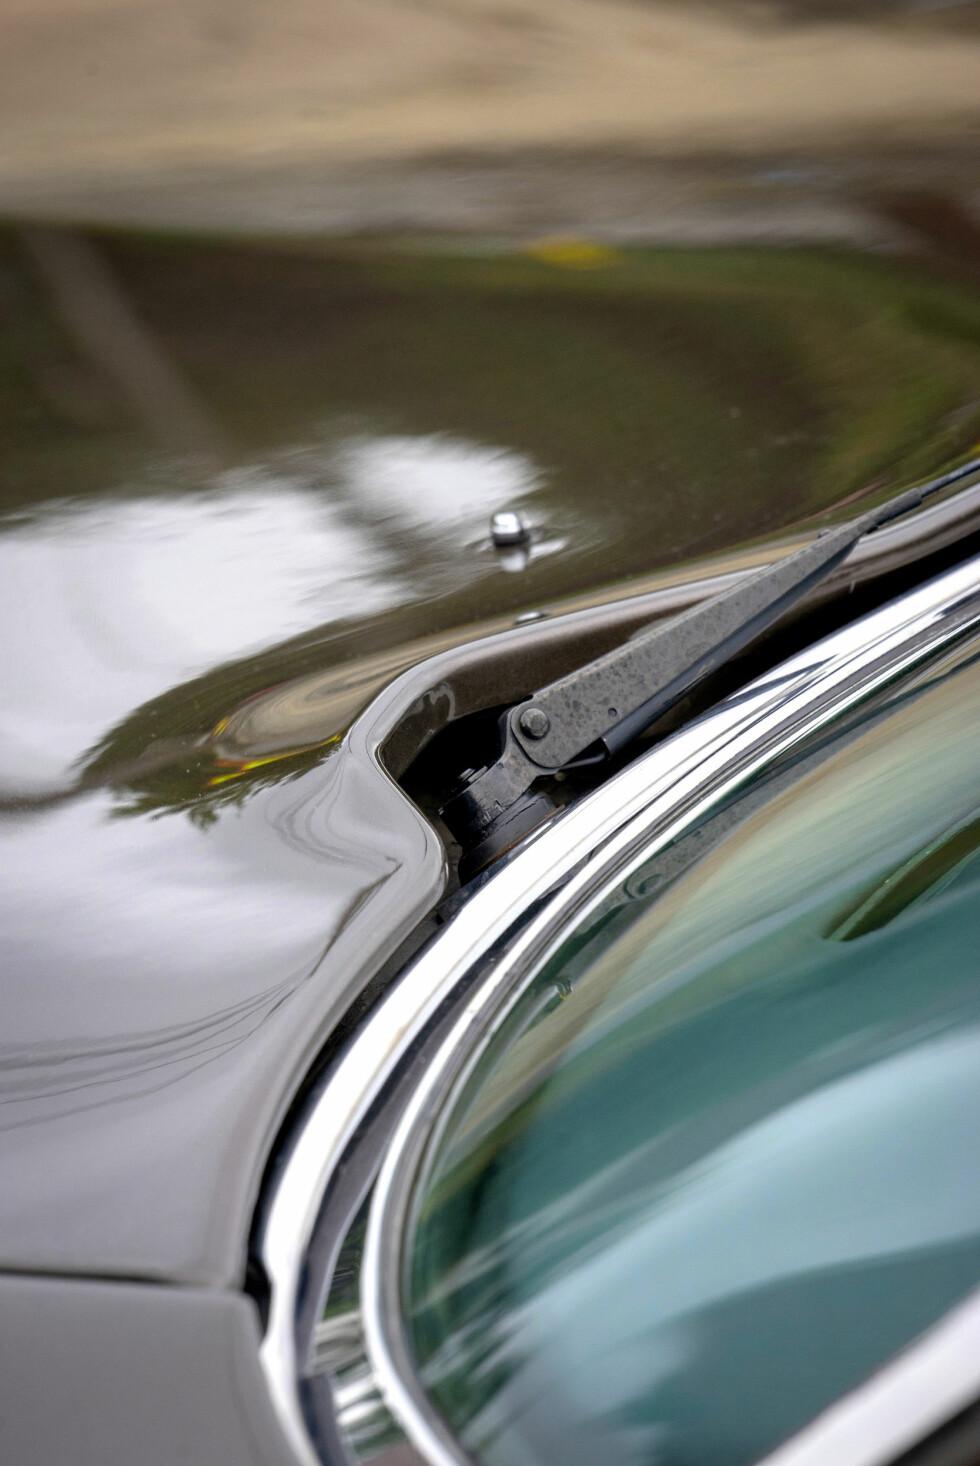 LEKKERT: Utrolig elegant overgang mellom panser og vindusviskere. Foto: Paal Kvamme